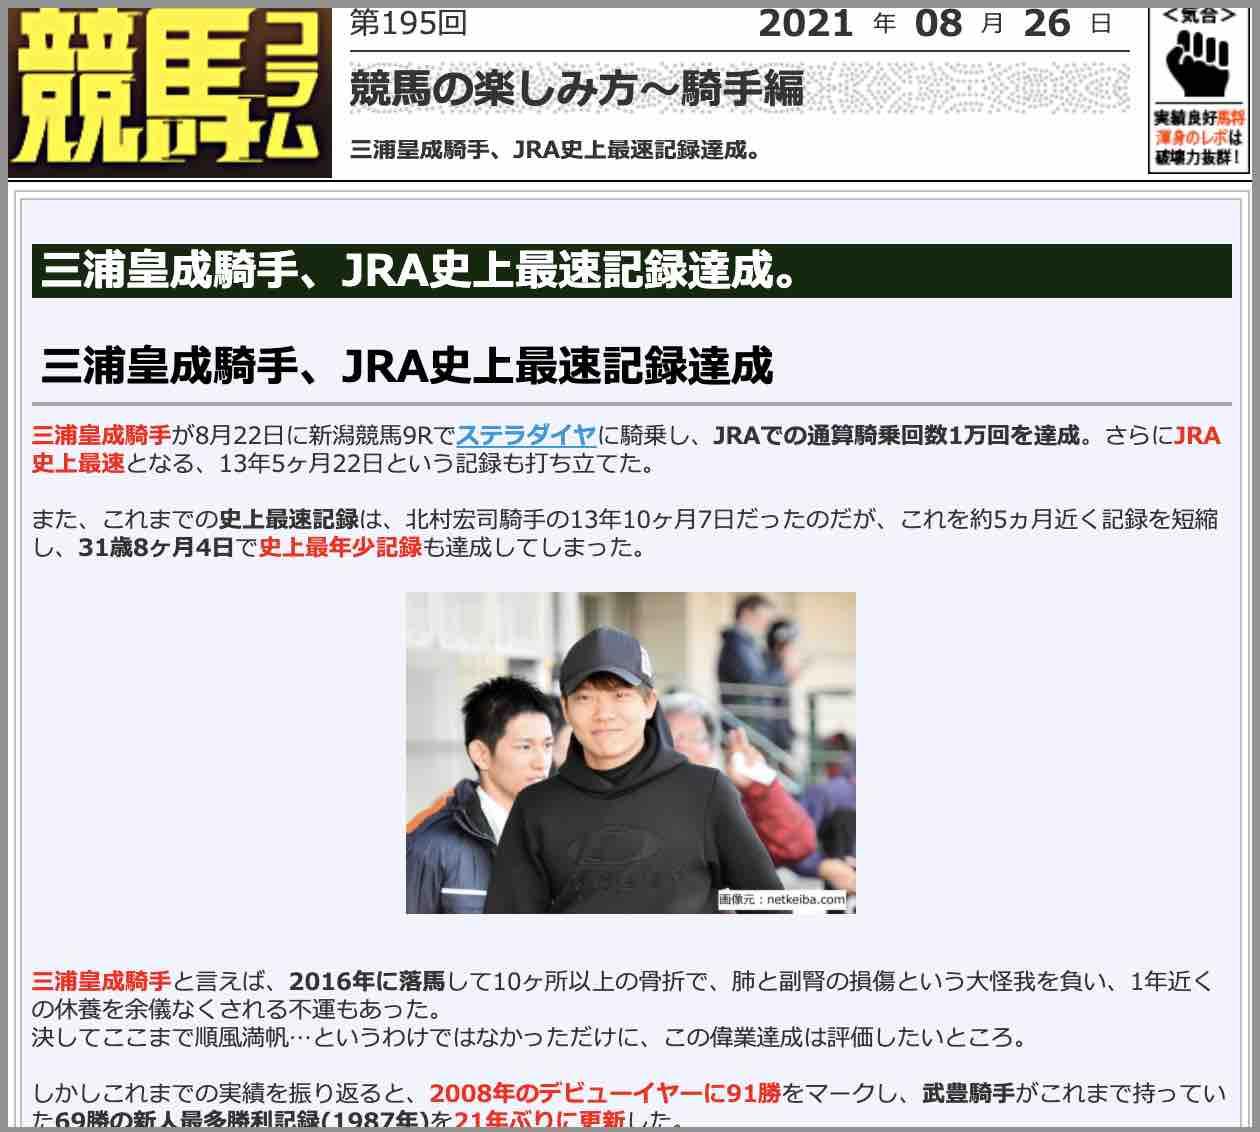 三浦皇成騎手、JRA史上最速記録達成。